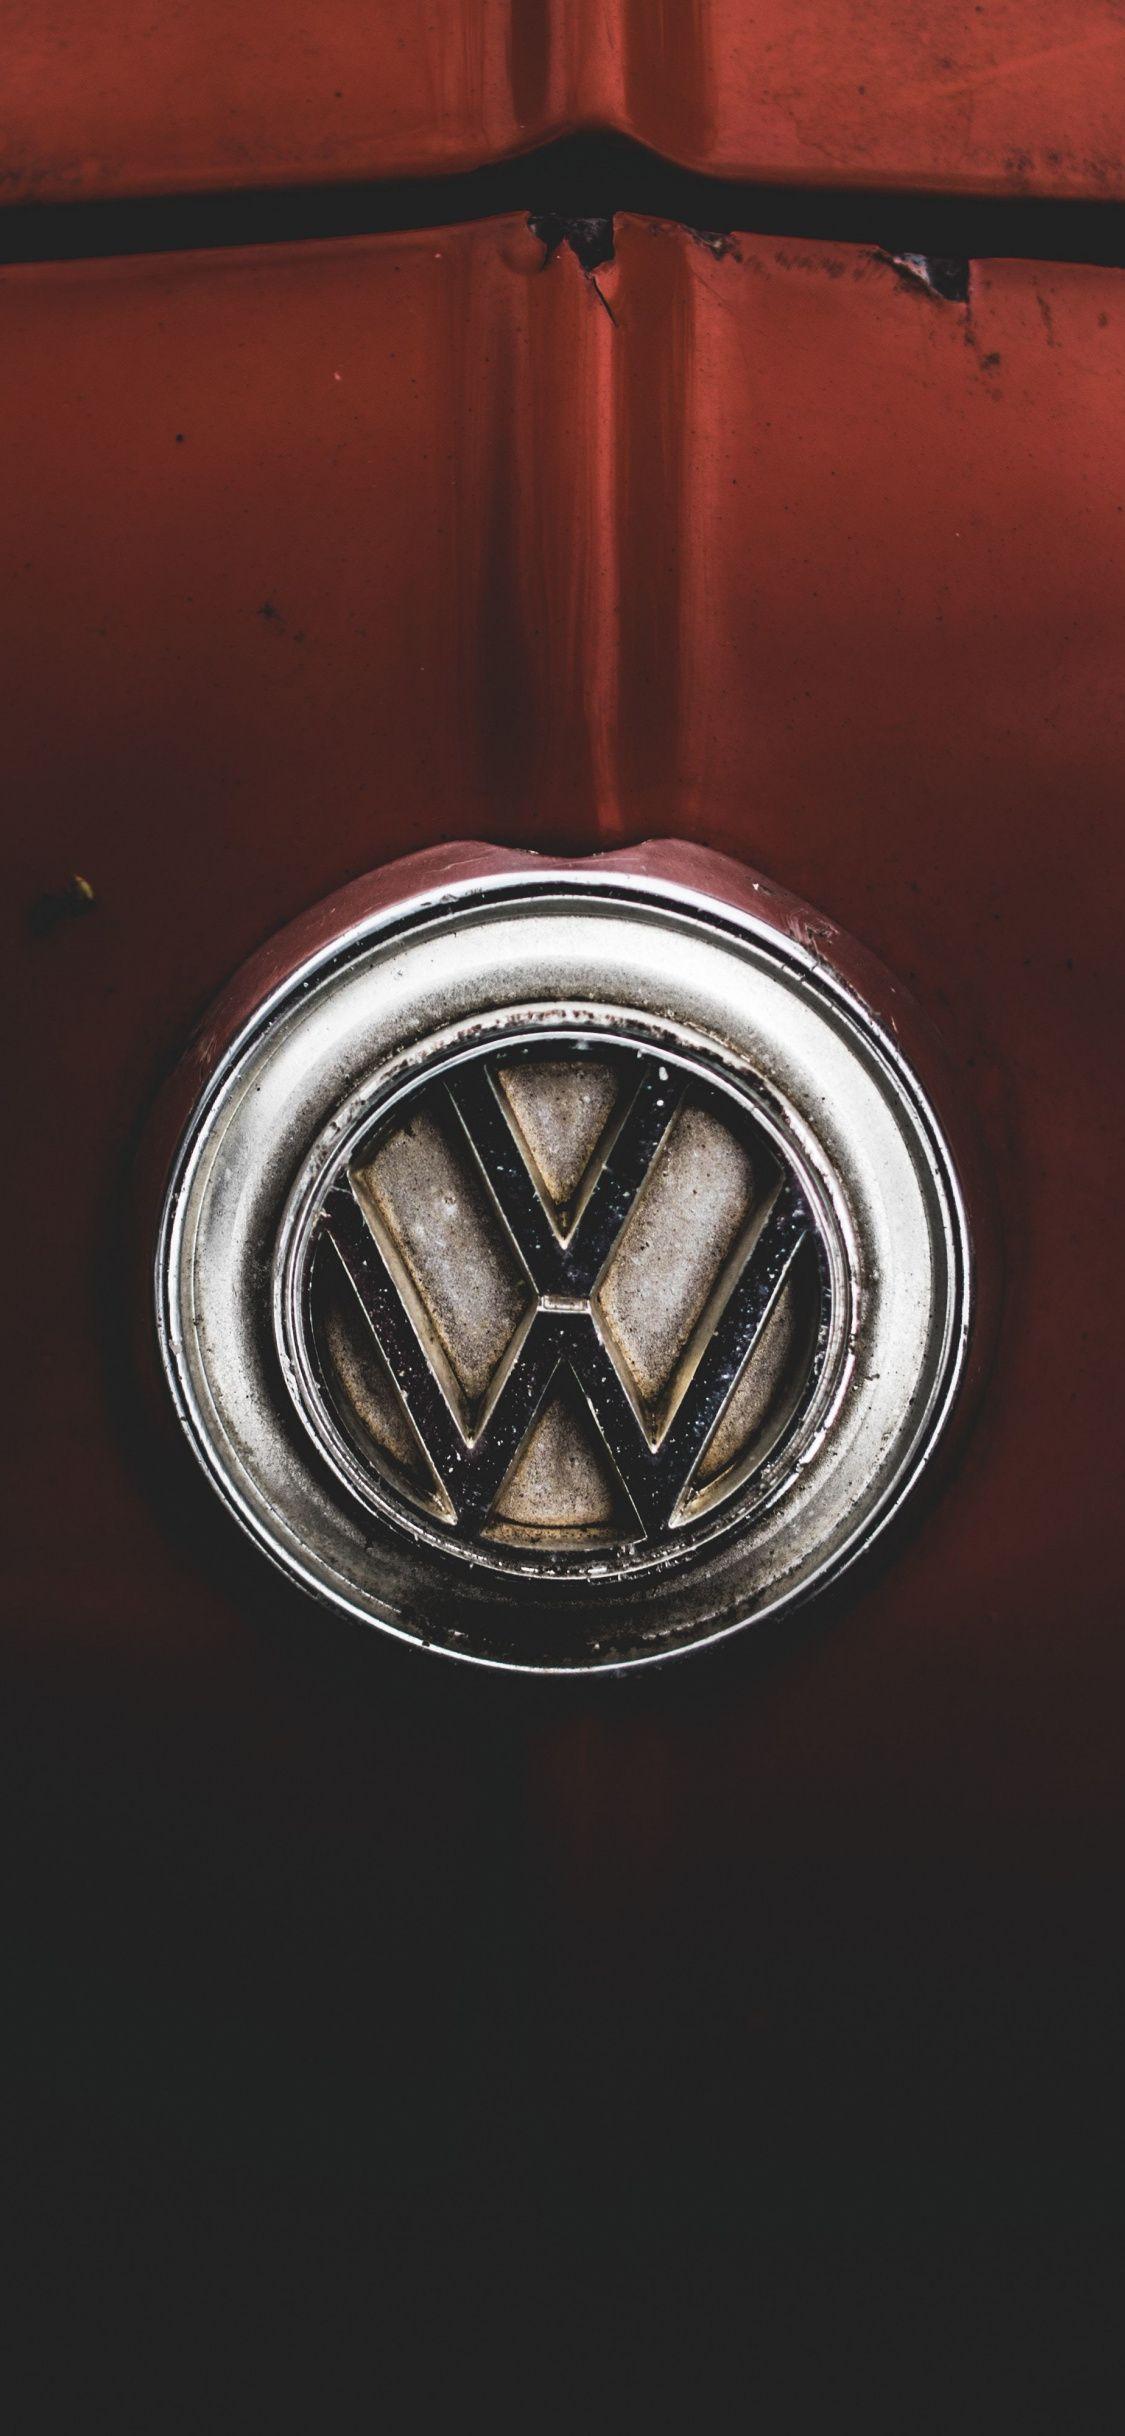 Volkswagen Logo 1125x2436 Wallpaper Volkswagen Volkswagen Logo Hd Wallpaper